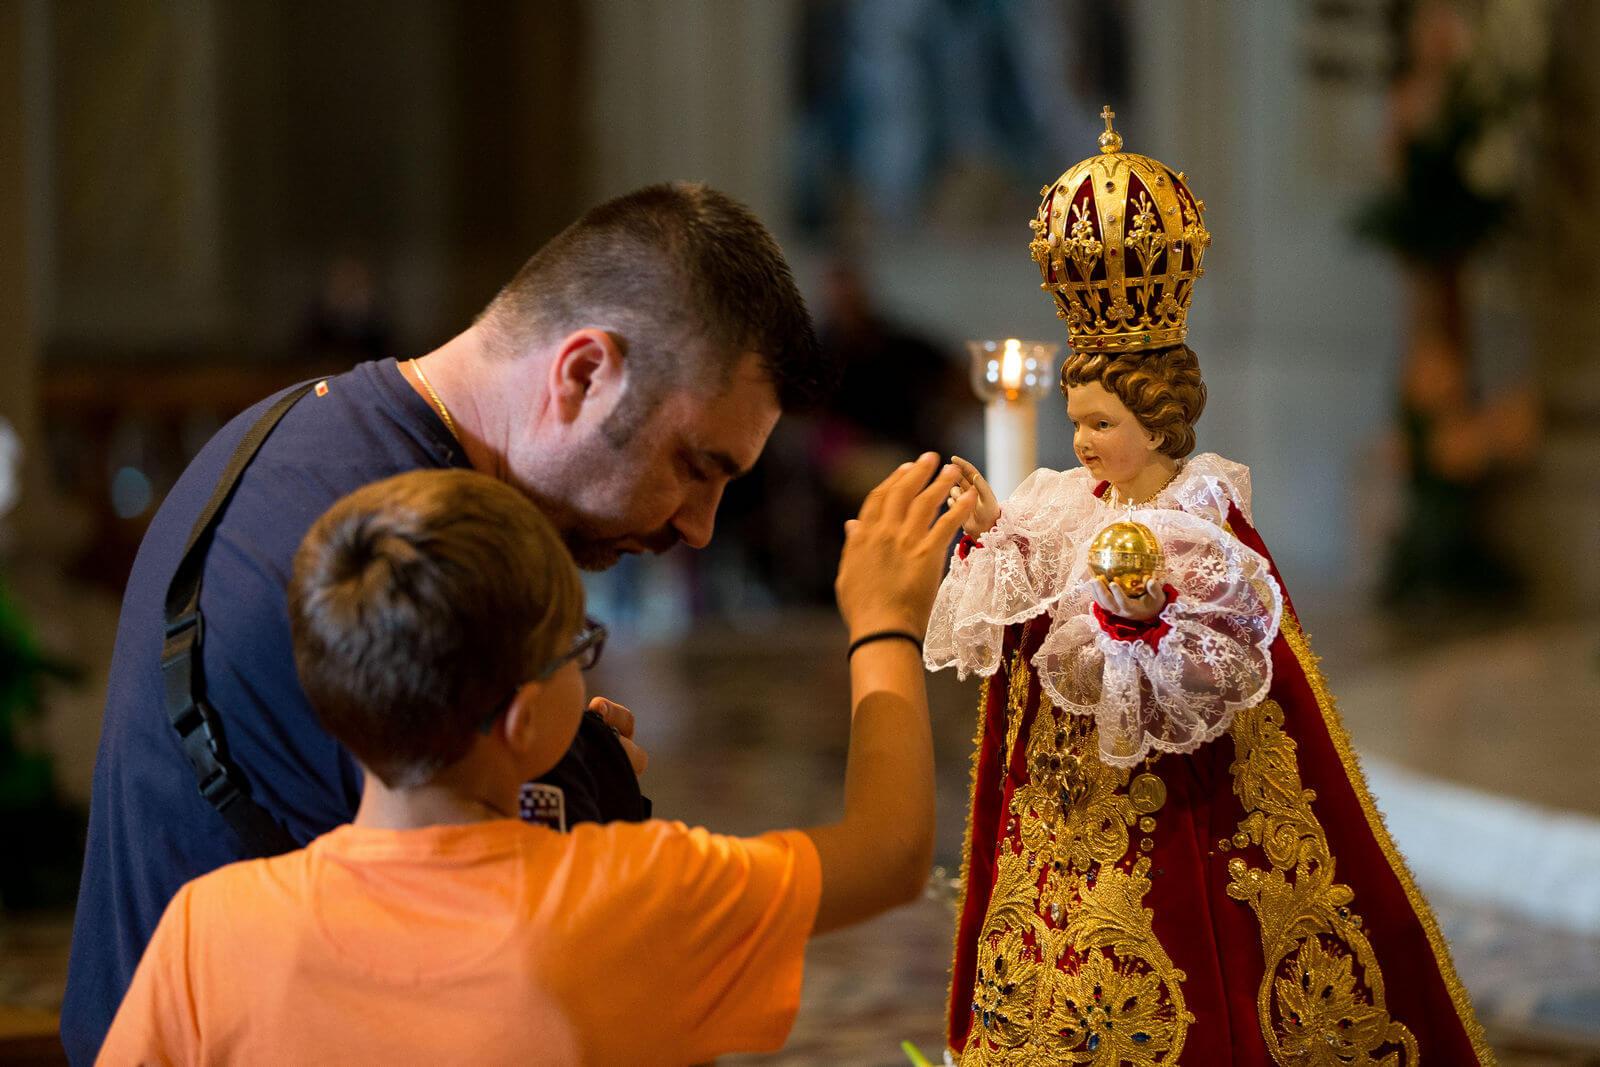 Preghiera al Bambino Gesù di Praga